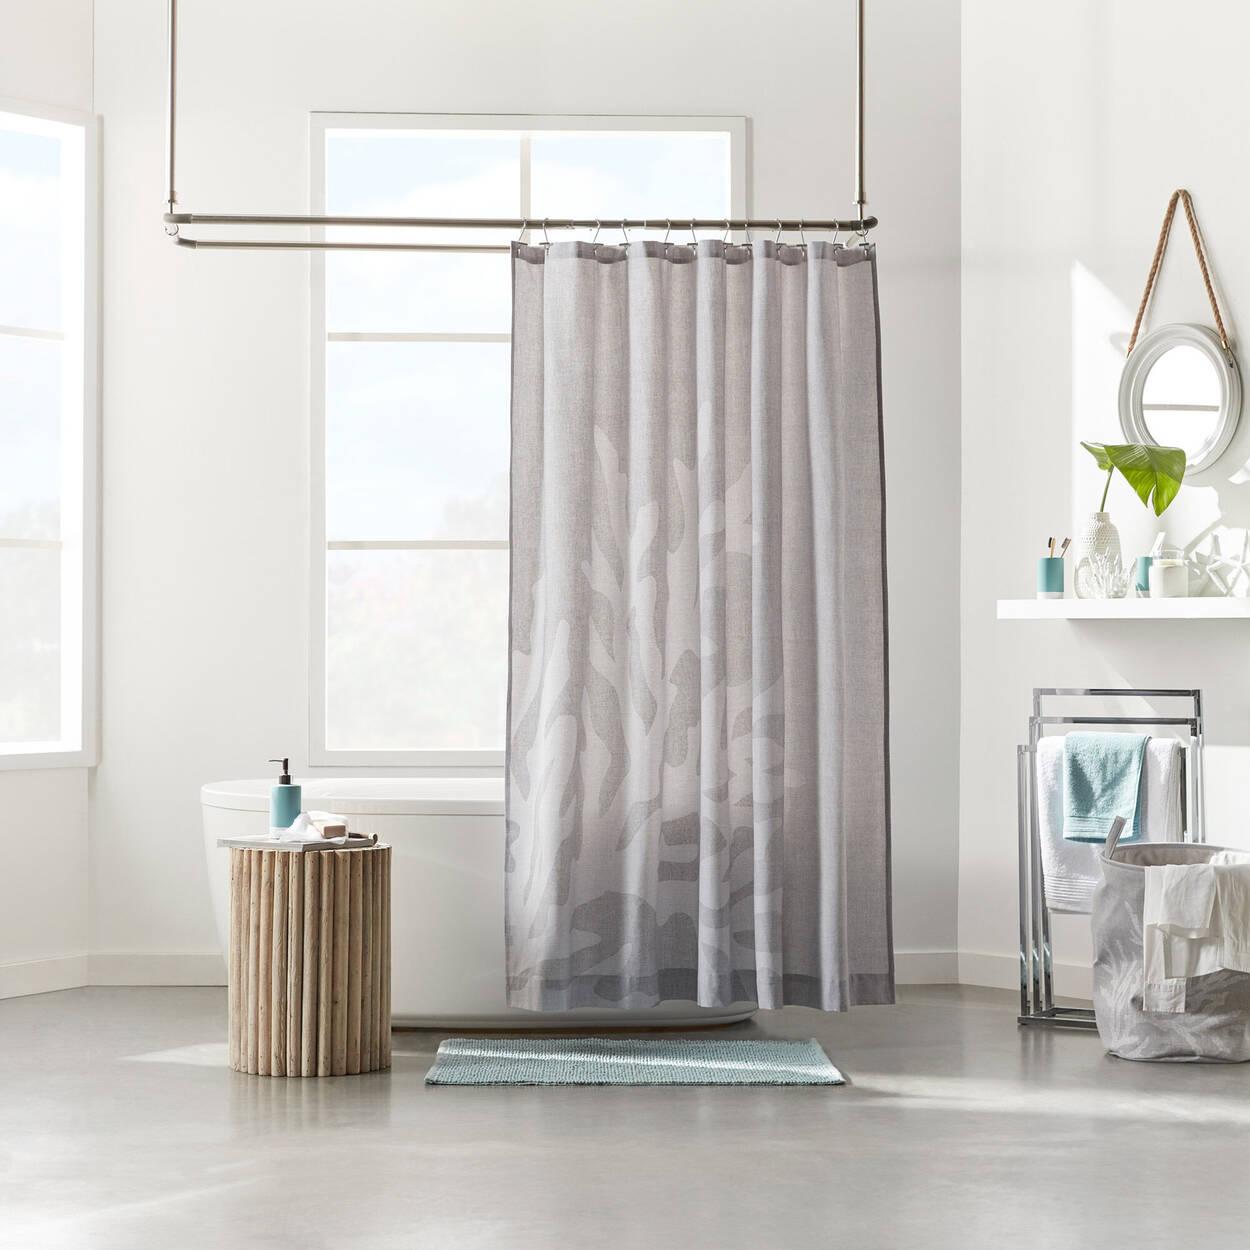 Porte-serviettes en chrome